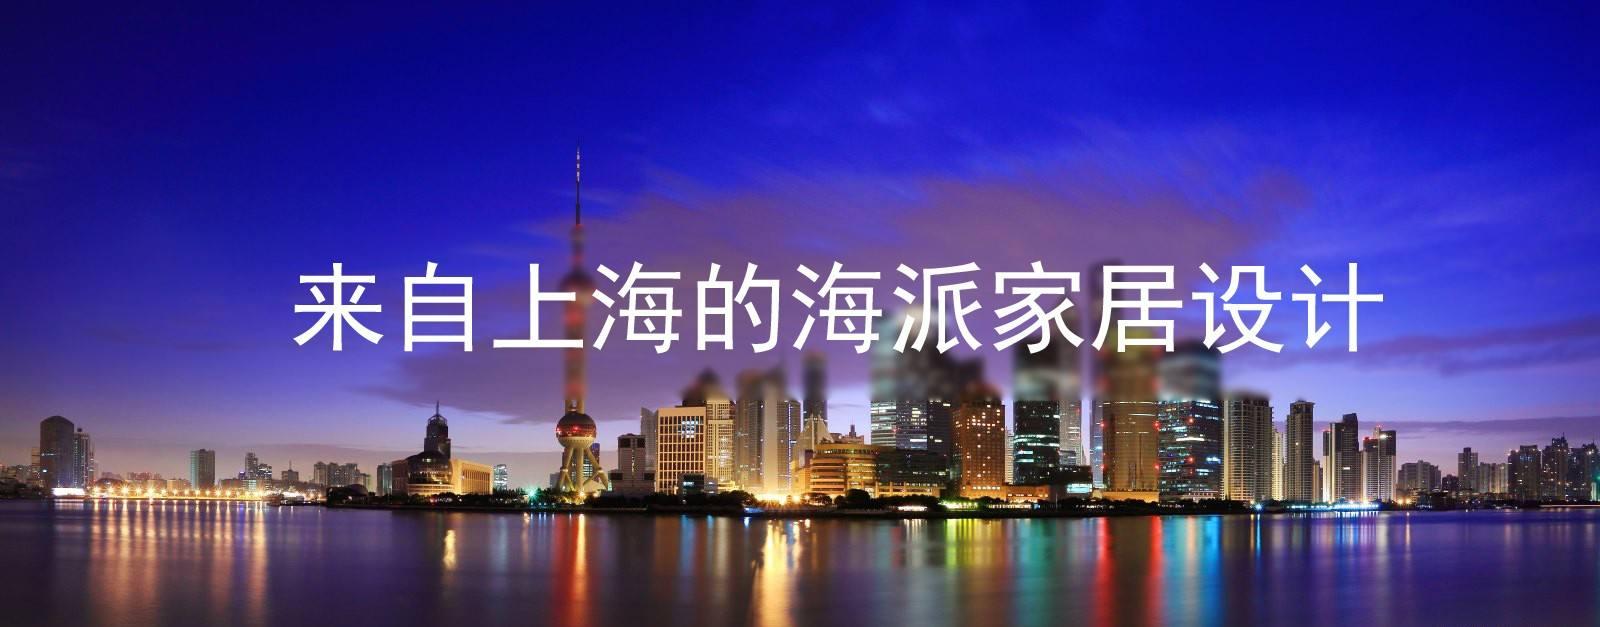 上海波涛集团强势入驻昆明 —《 云南波澜设计中心》